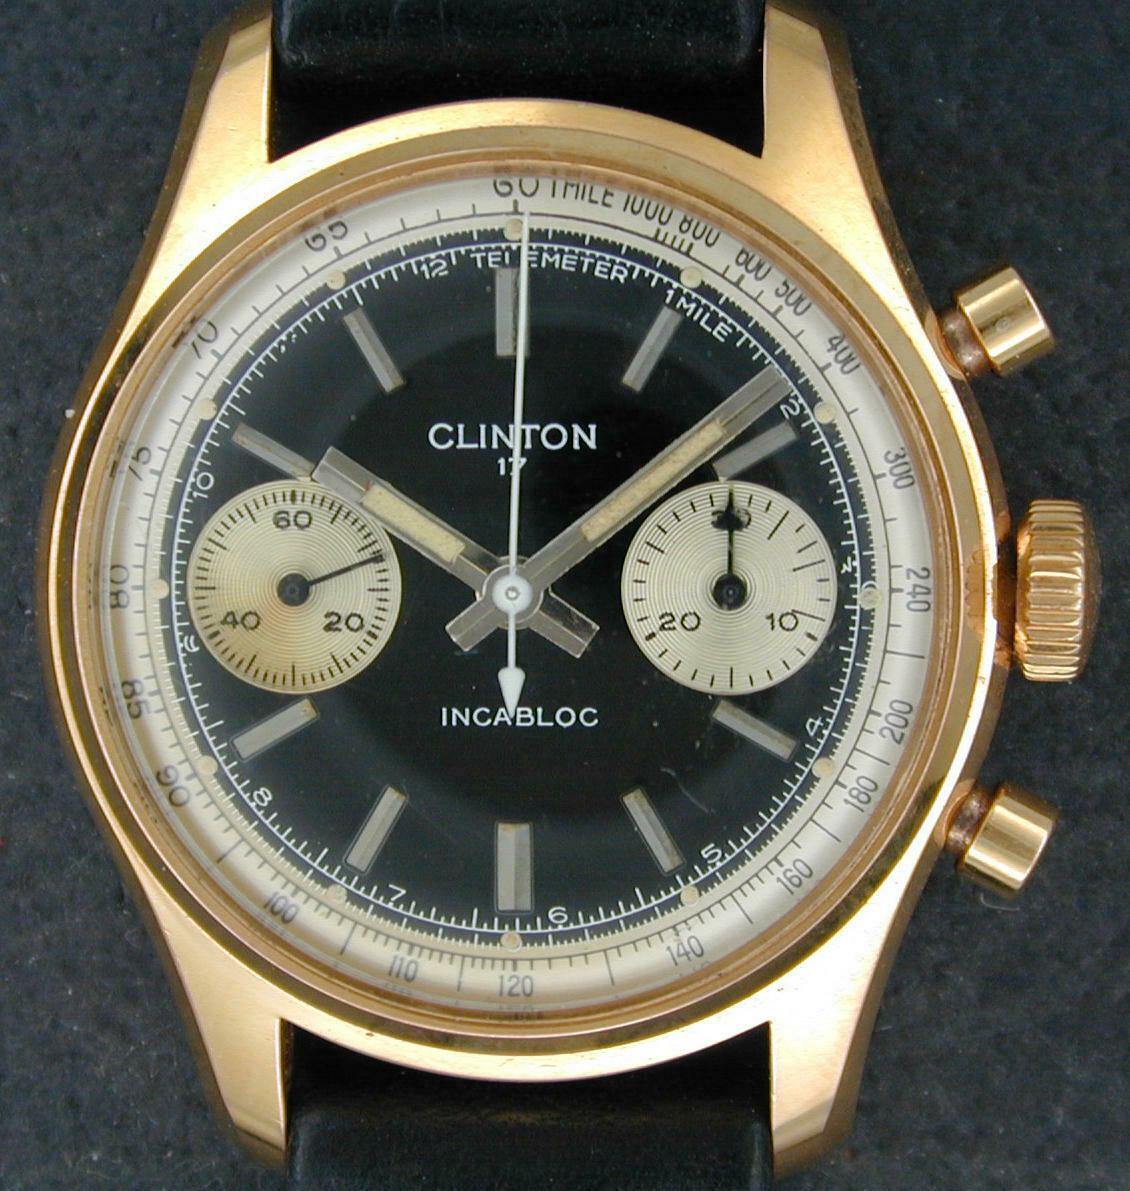 Clinton Chronograph #210305